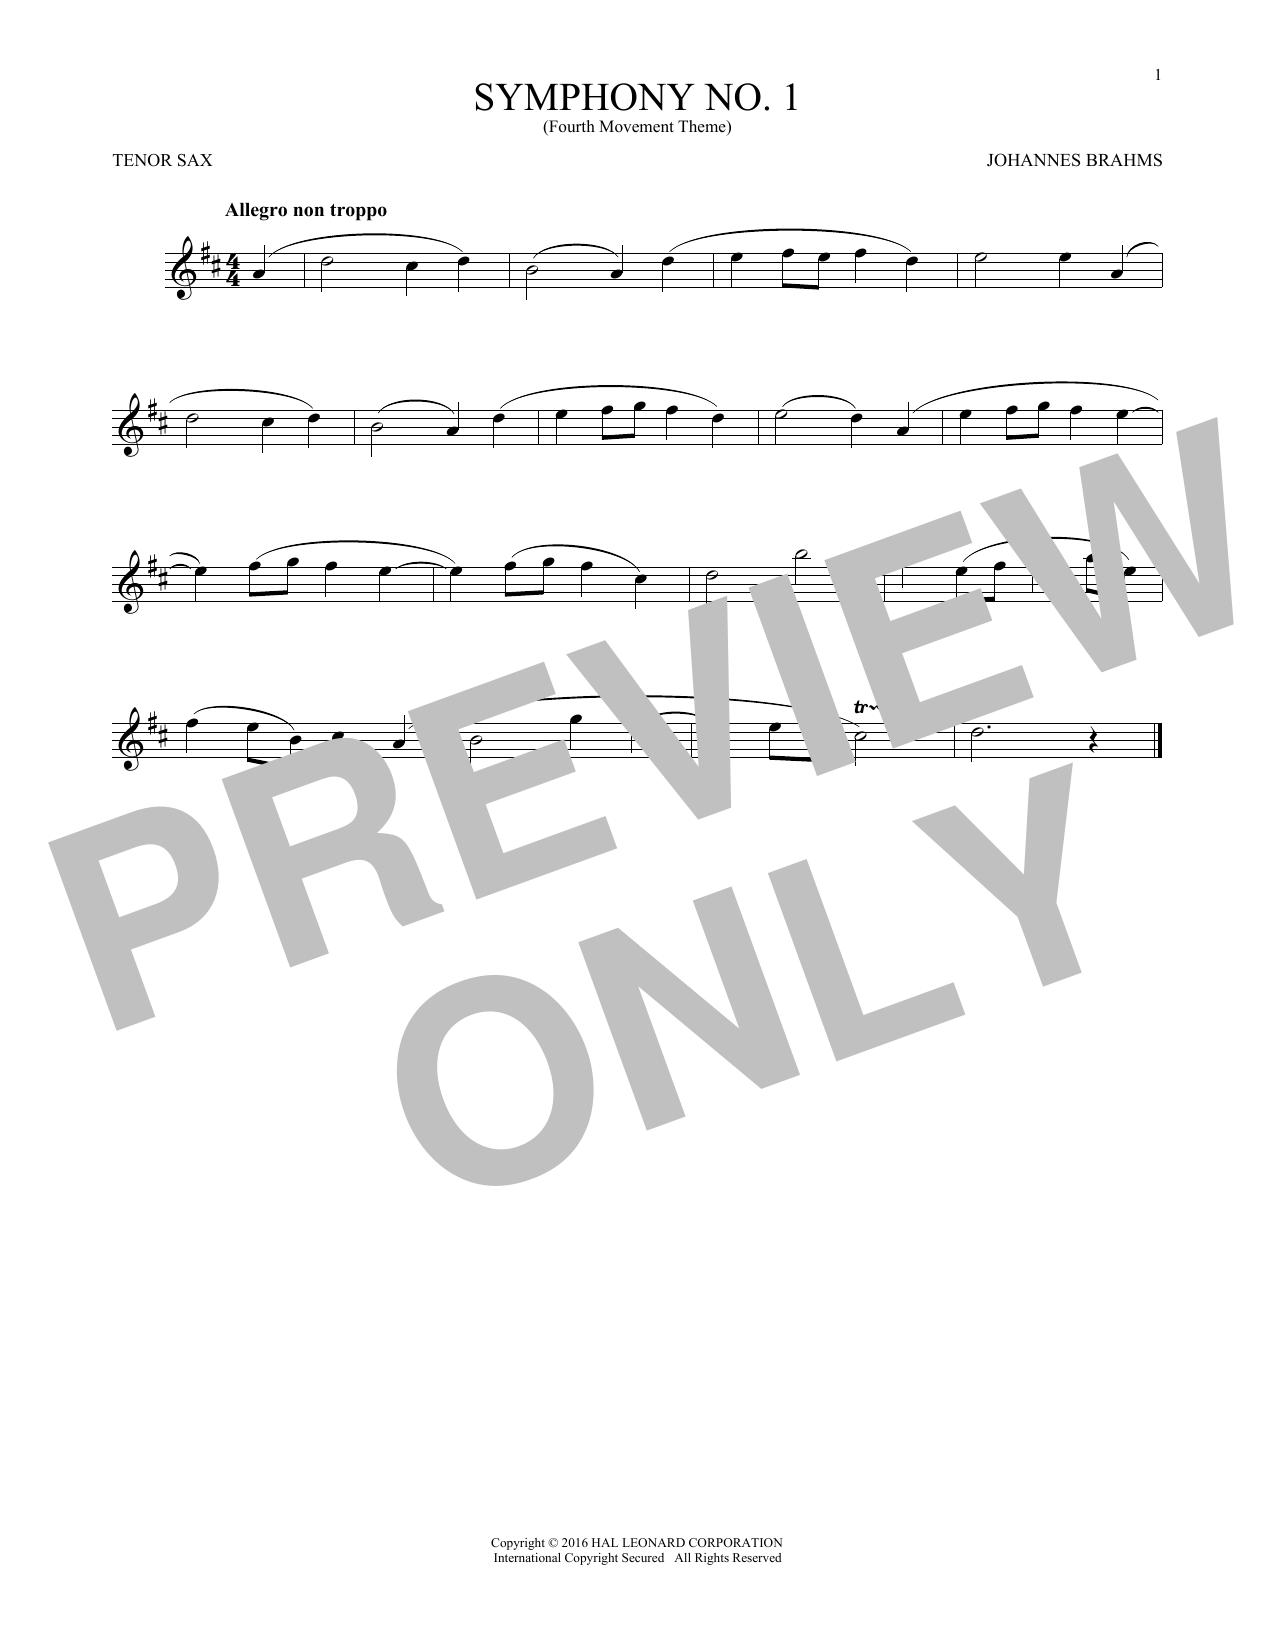 Symphony No. 1 In C Minor, Fourth Movement Excerpt (Tenor Sax Solo)